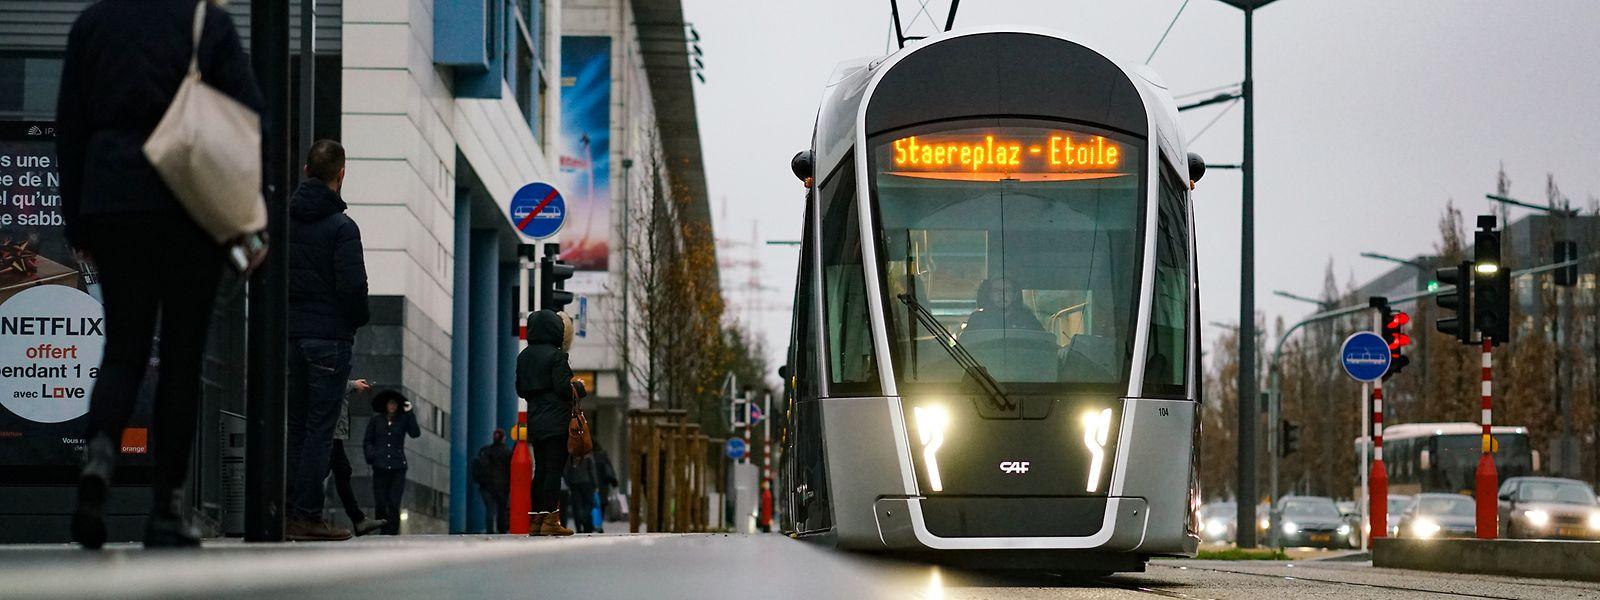 D'ici à l'horizon 2035, le tram devrait desservir non seulement la capitale, mais aussi le sud du pays via une circulation rapide le long de l'A4.